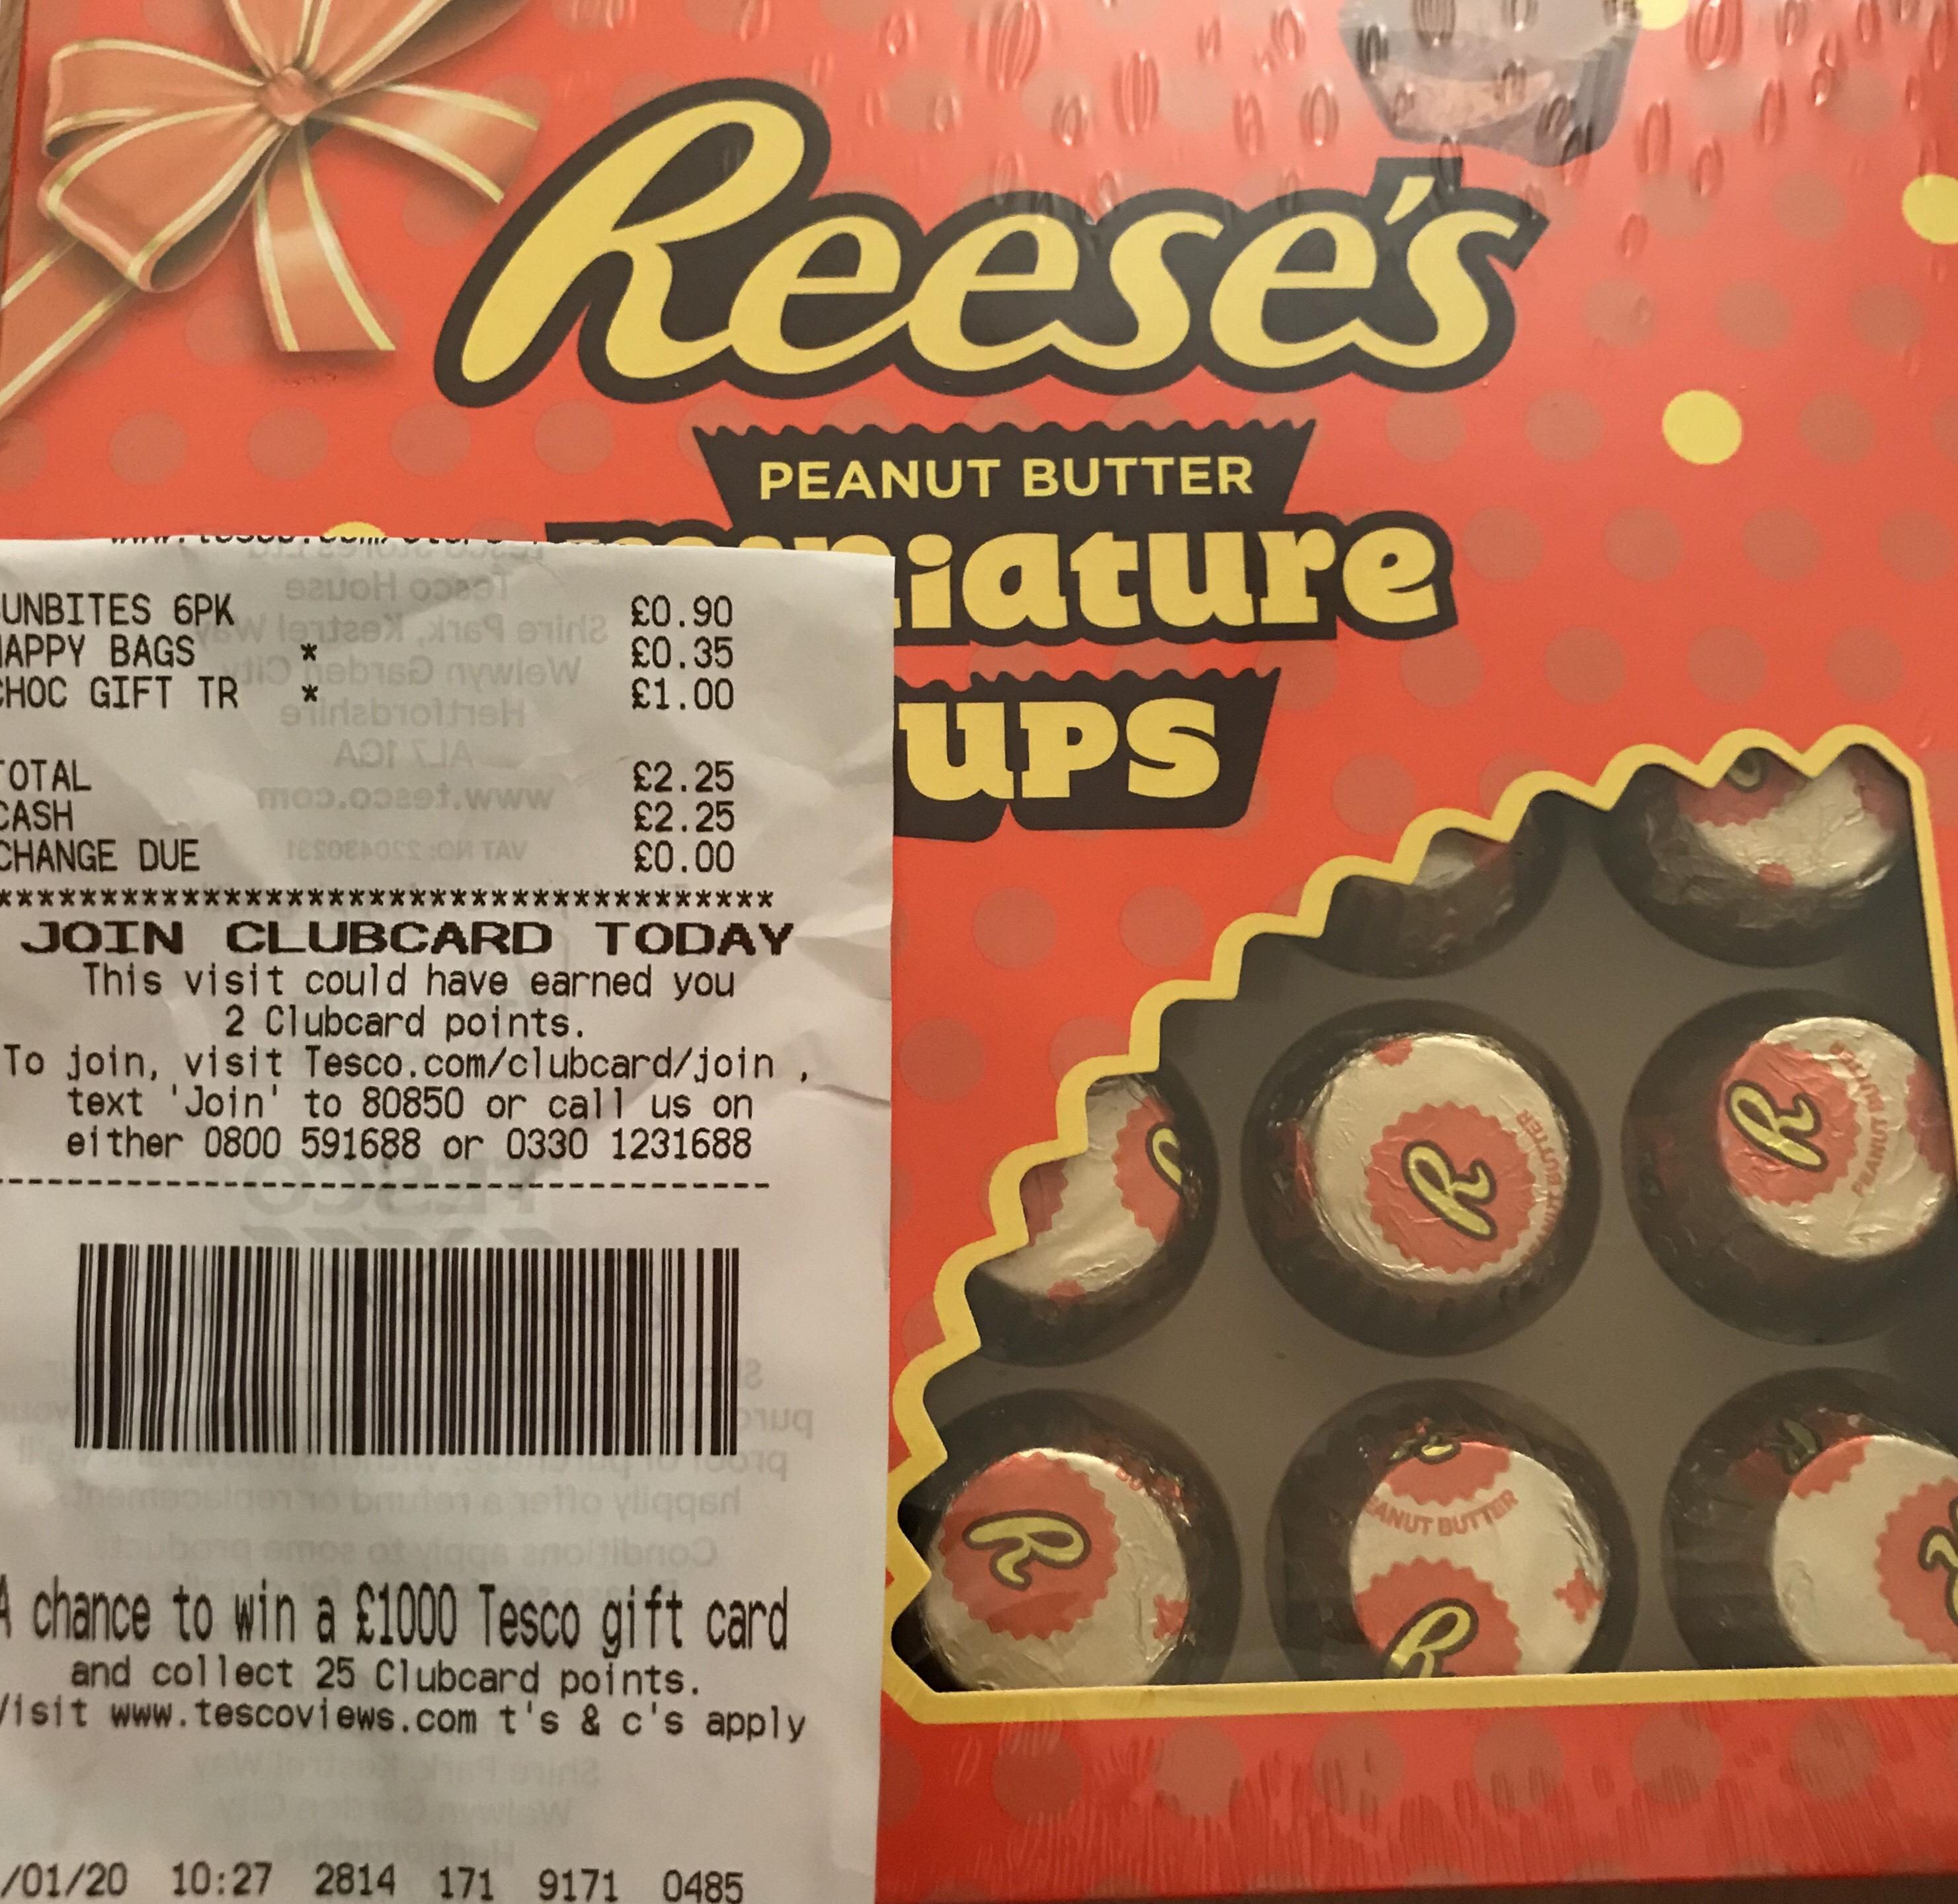 Reeses 25 butter cups - £1 @ Tesco (Leeds)